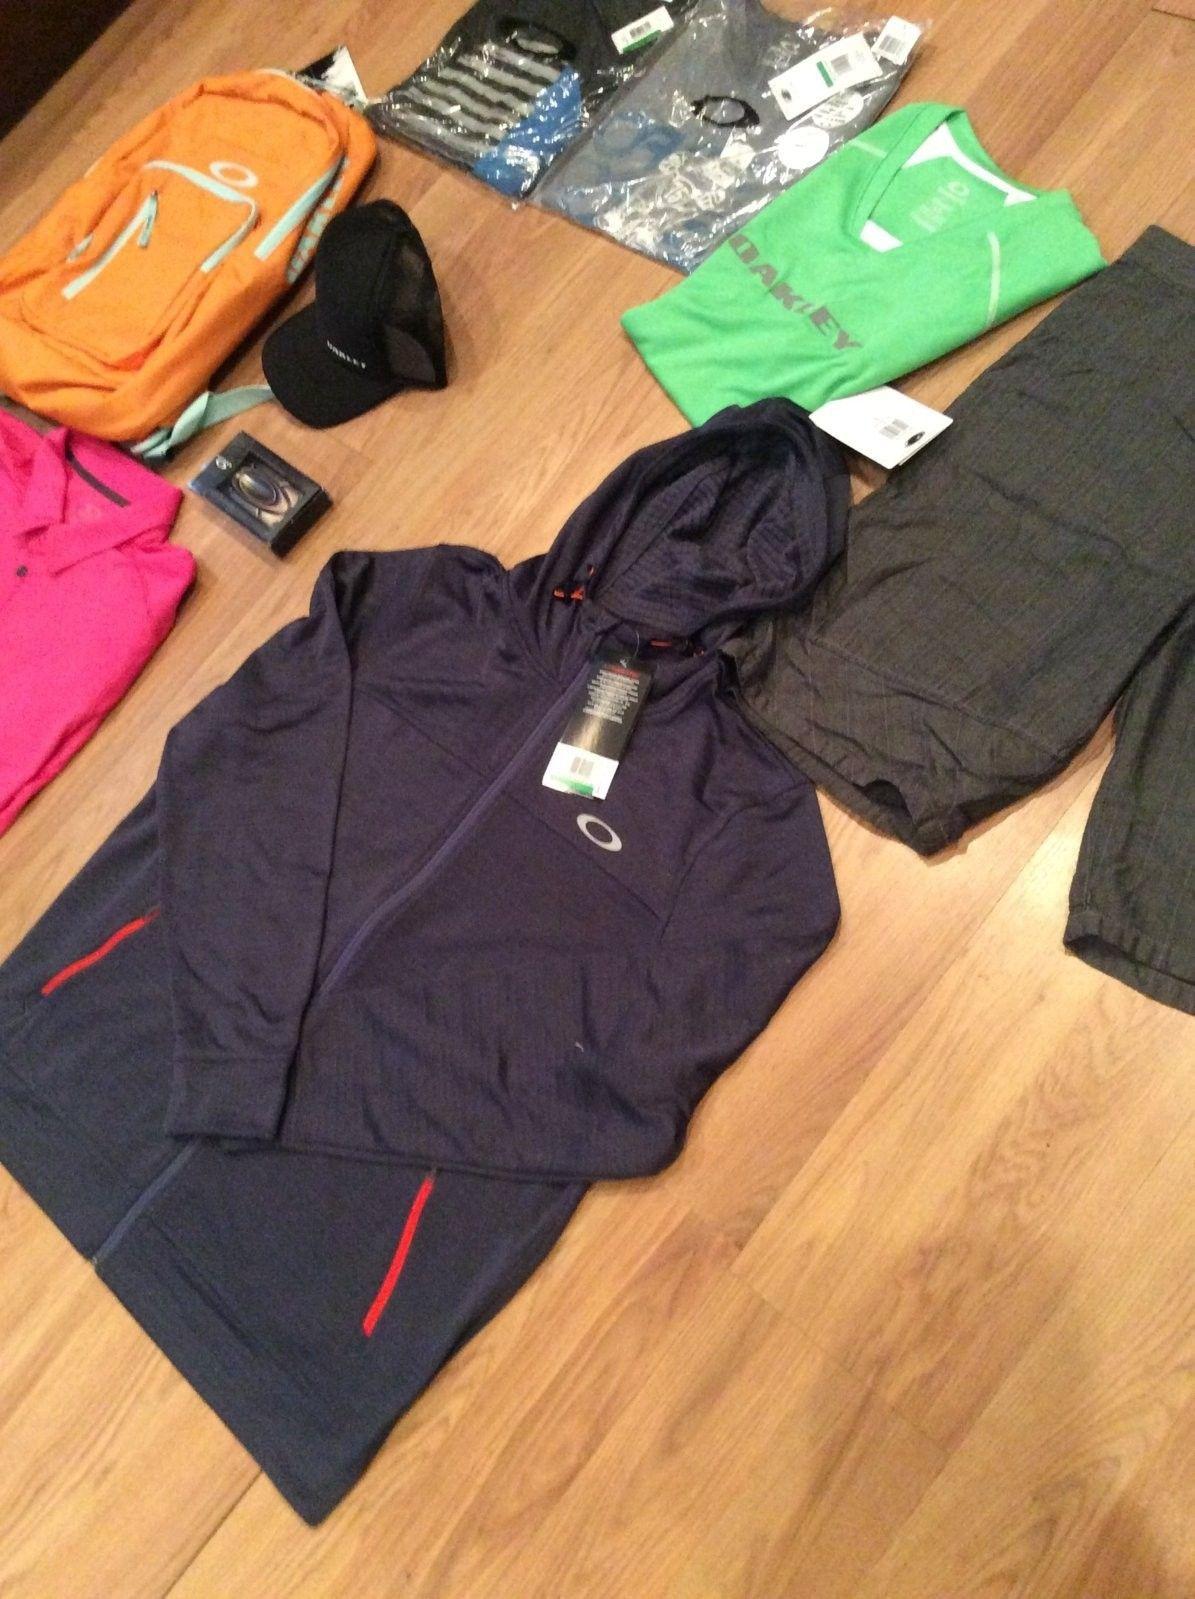 Clothing Bundle $115  Shipped - image.jpeg